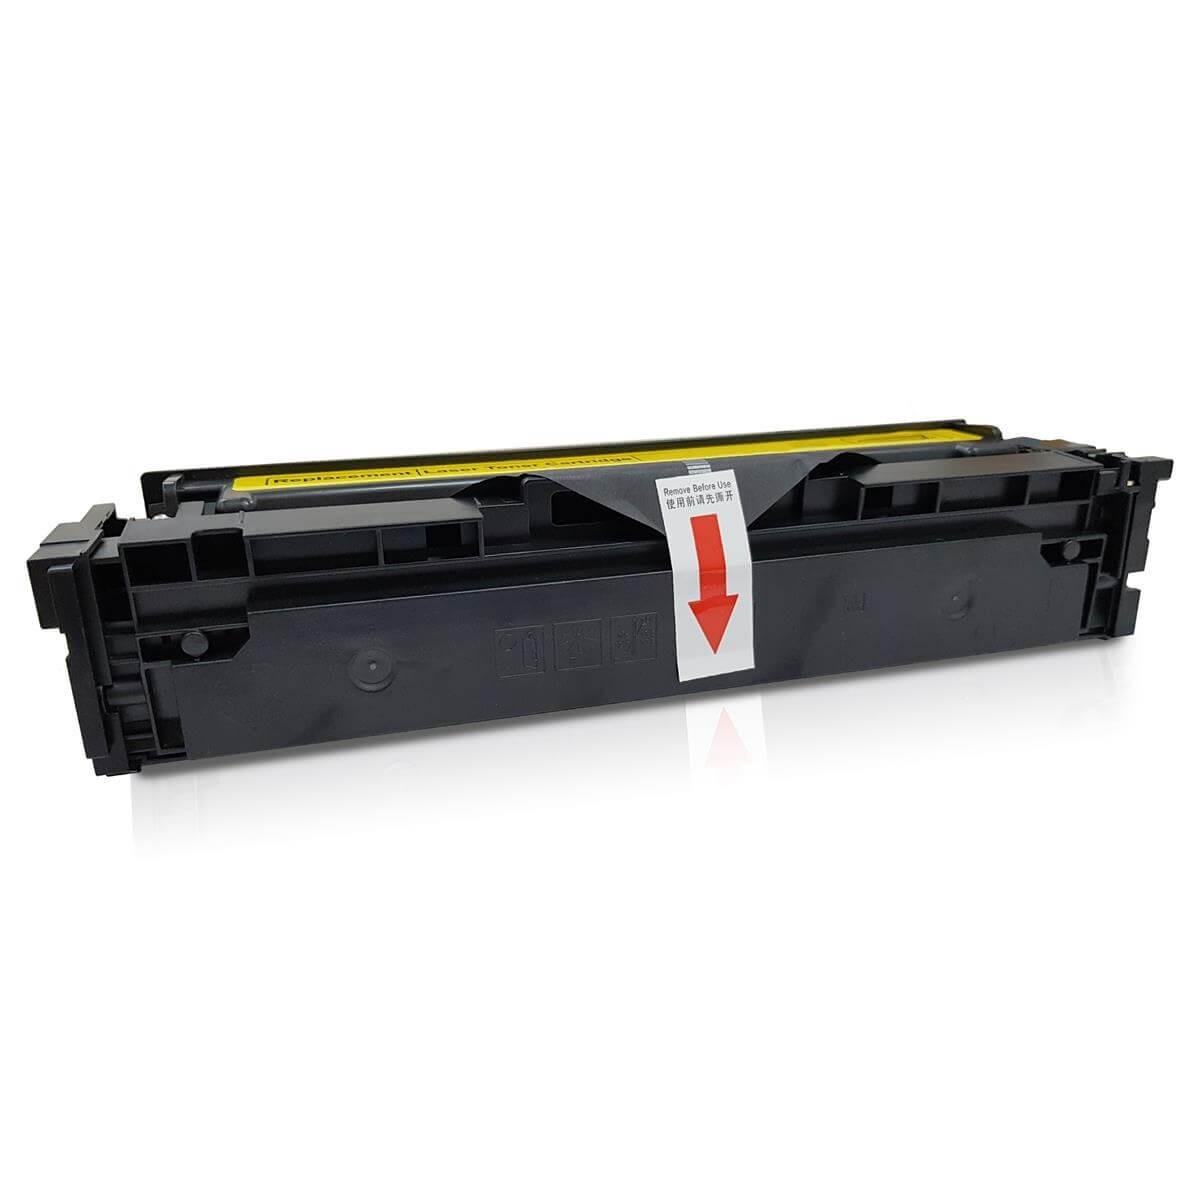 Toner CF503A Magenta Chinamate Compatível com M284FDW M254DW da HP